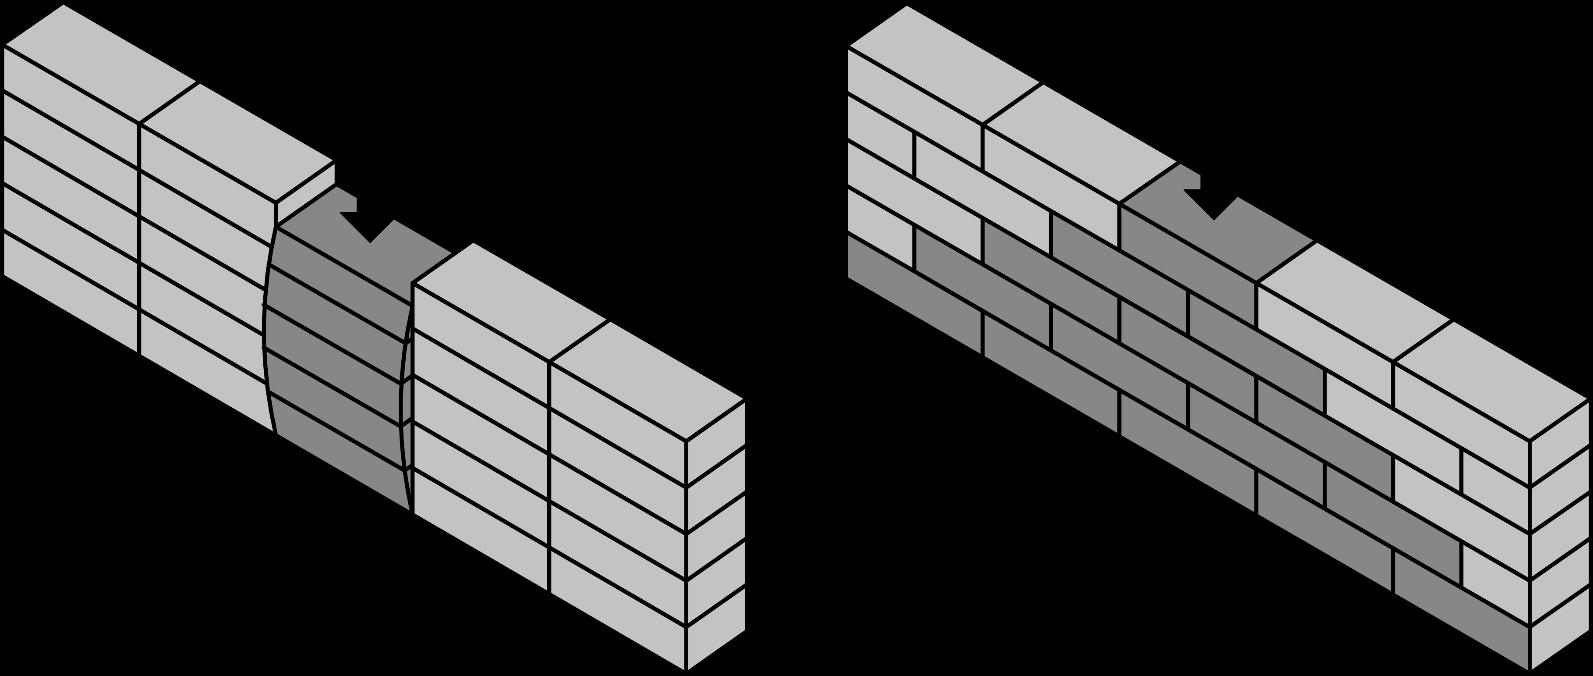 Mauerwerksverband – Wirkungsweise zur vertikalen Lastabtragung